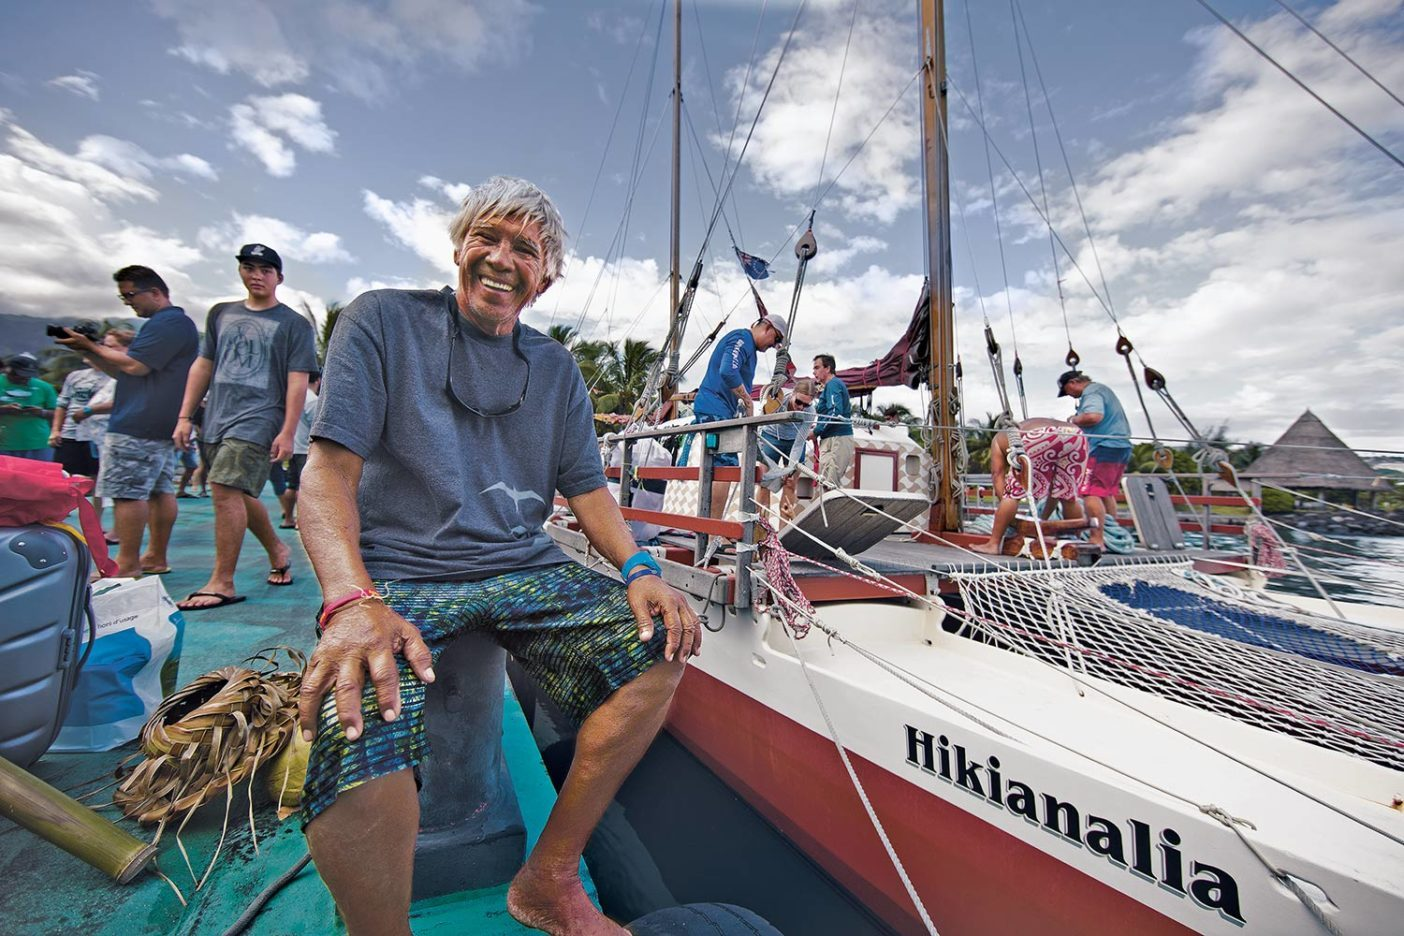 ライアテアへの出発前に波止場でひと休みする熟練乗組員「スネーク」ことアー・ヒー。Photo: John Bilderback